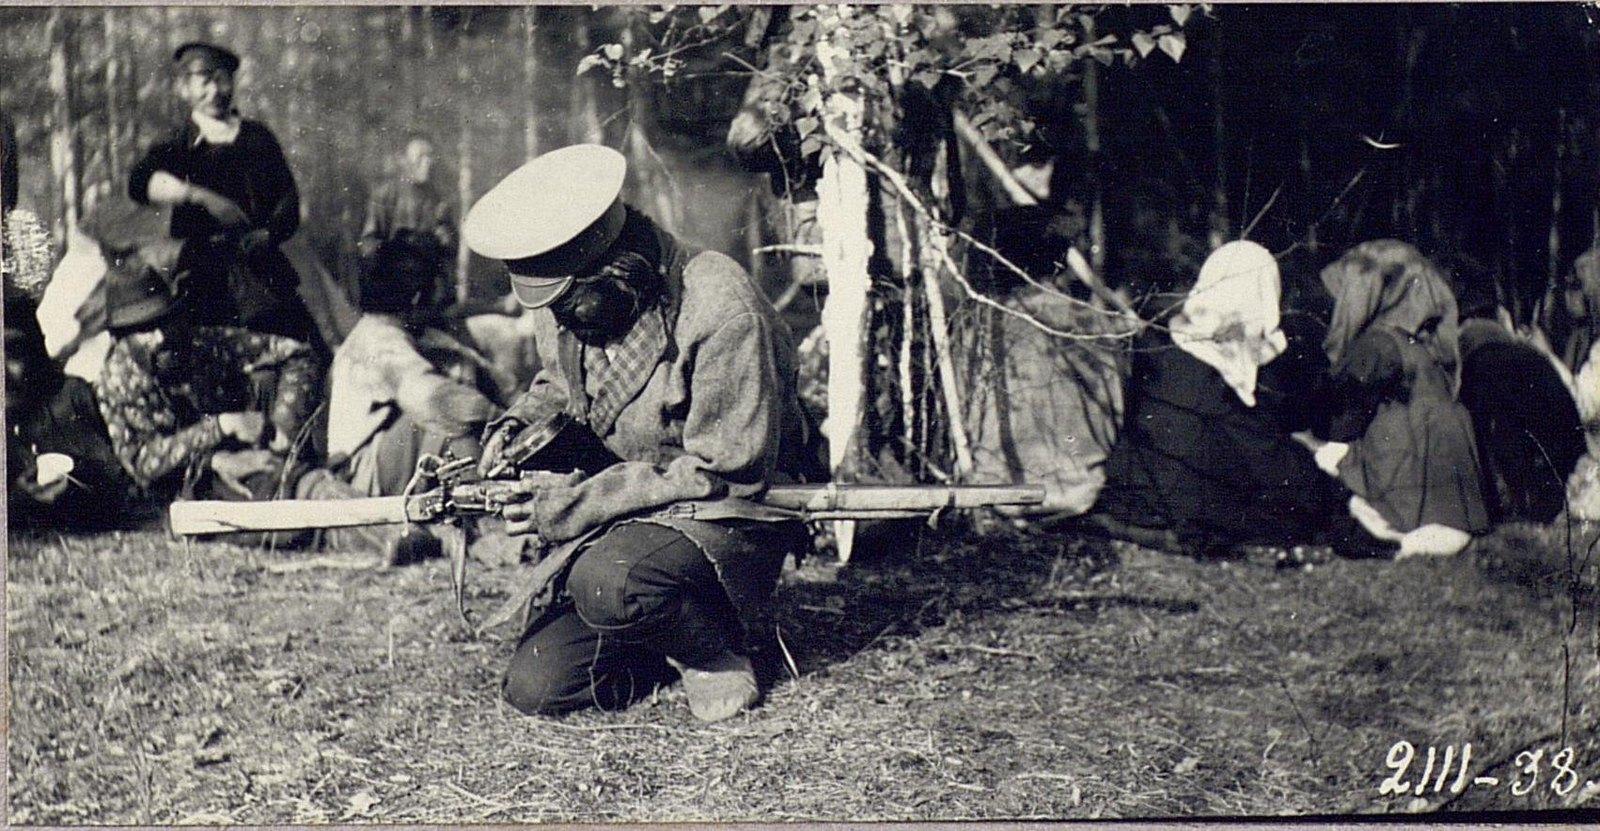 Орочен Илья с кремневой винтовкой